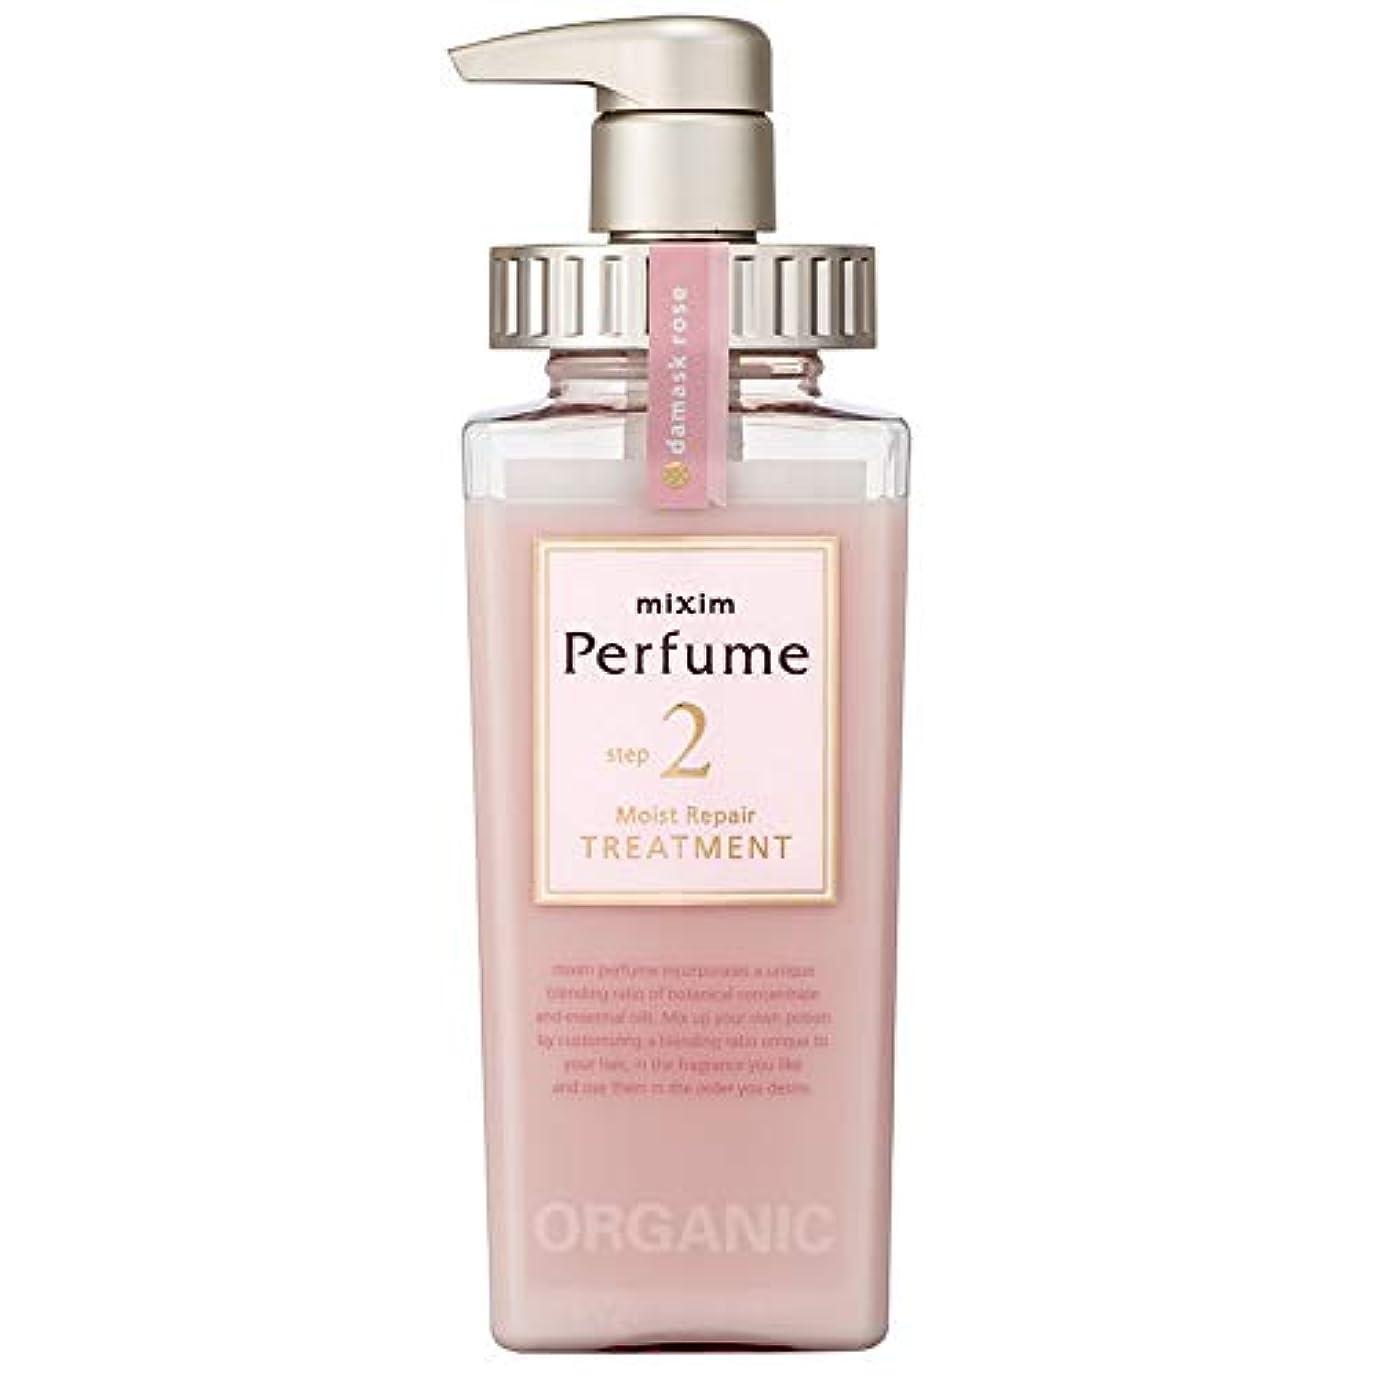 ドリンクウガンダ割り当てmixim Perfume(ミクシムパフューム) モイストリペア ヘアトリートメント 440g